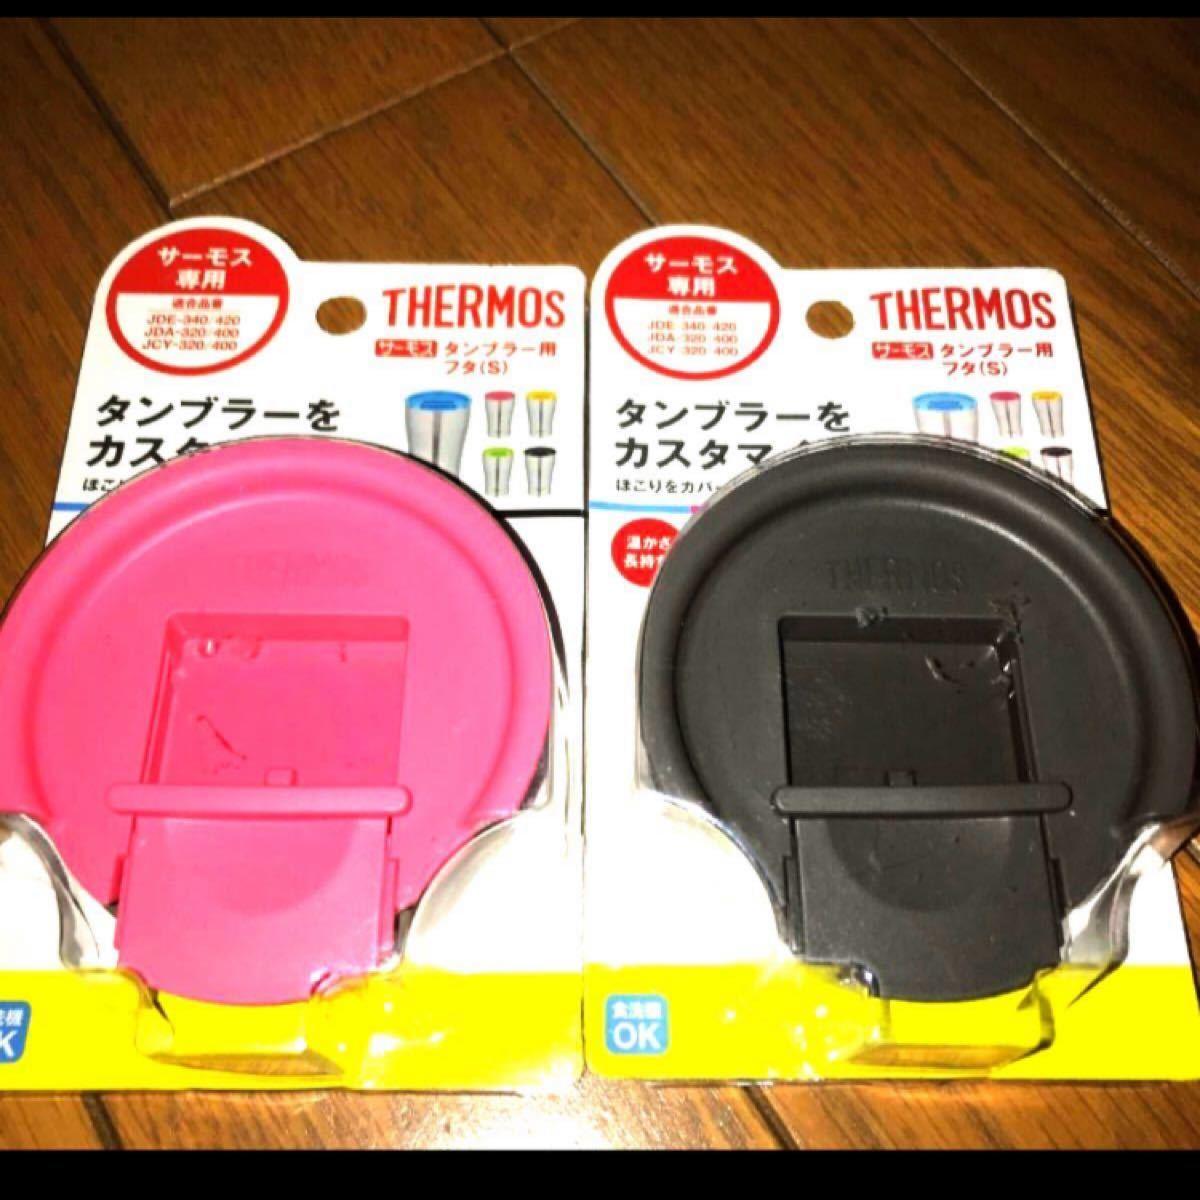 サーモス 真空断熱タンブラー用フタ (S) ブラック 、ピンク